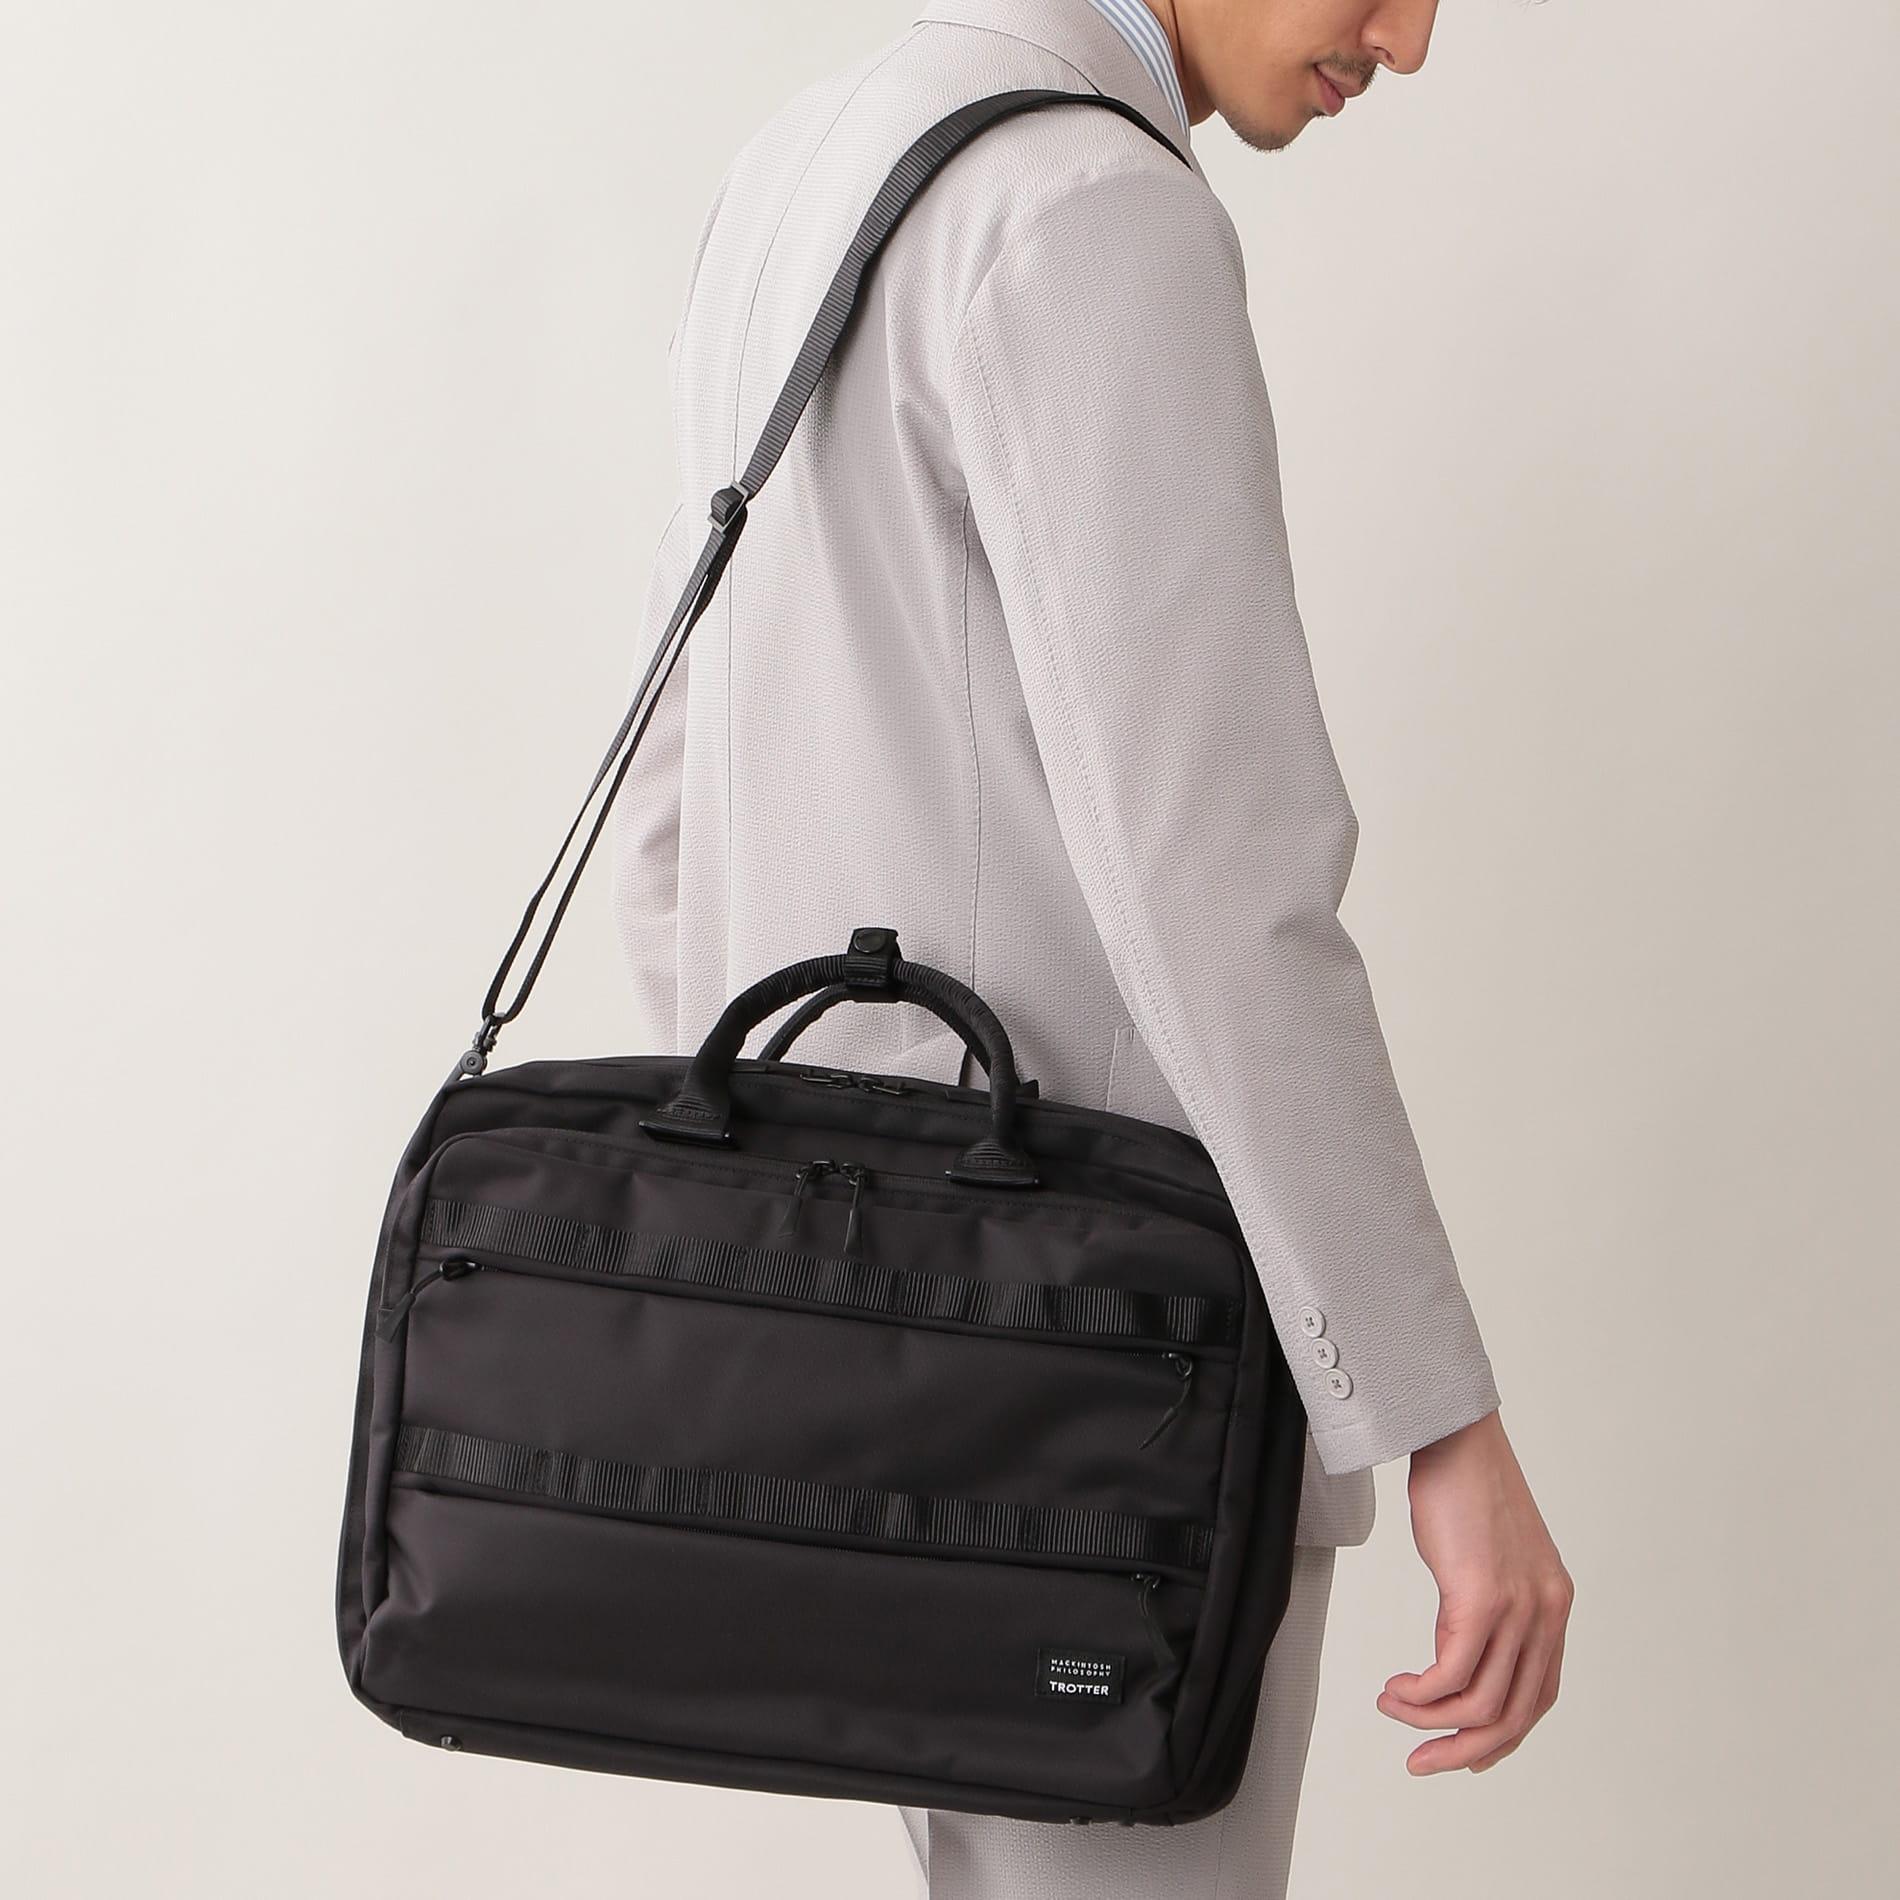 TROTTER BAG?V 3WAY